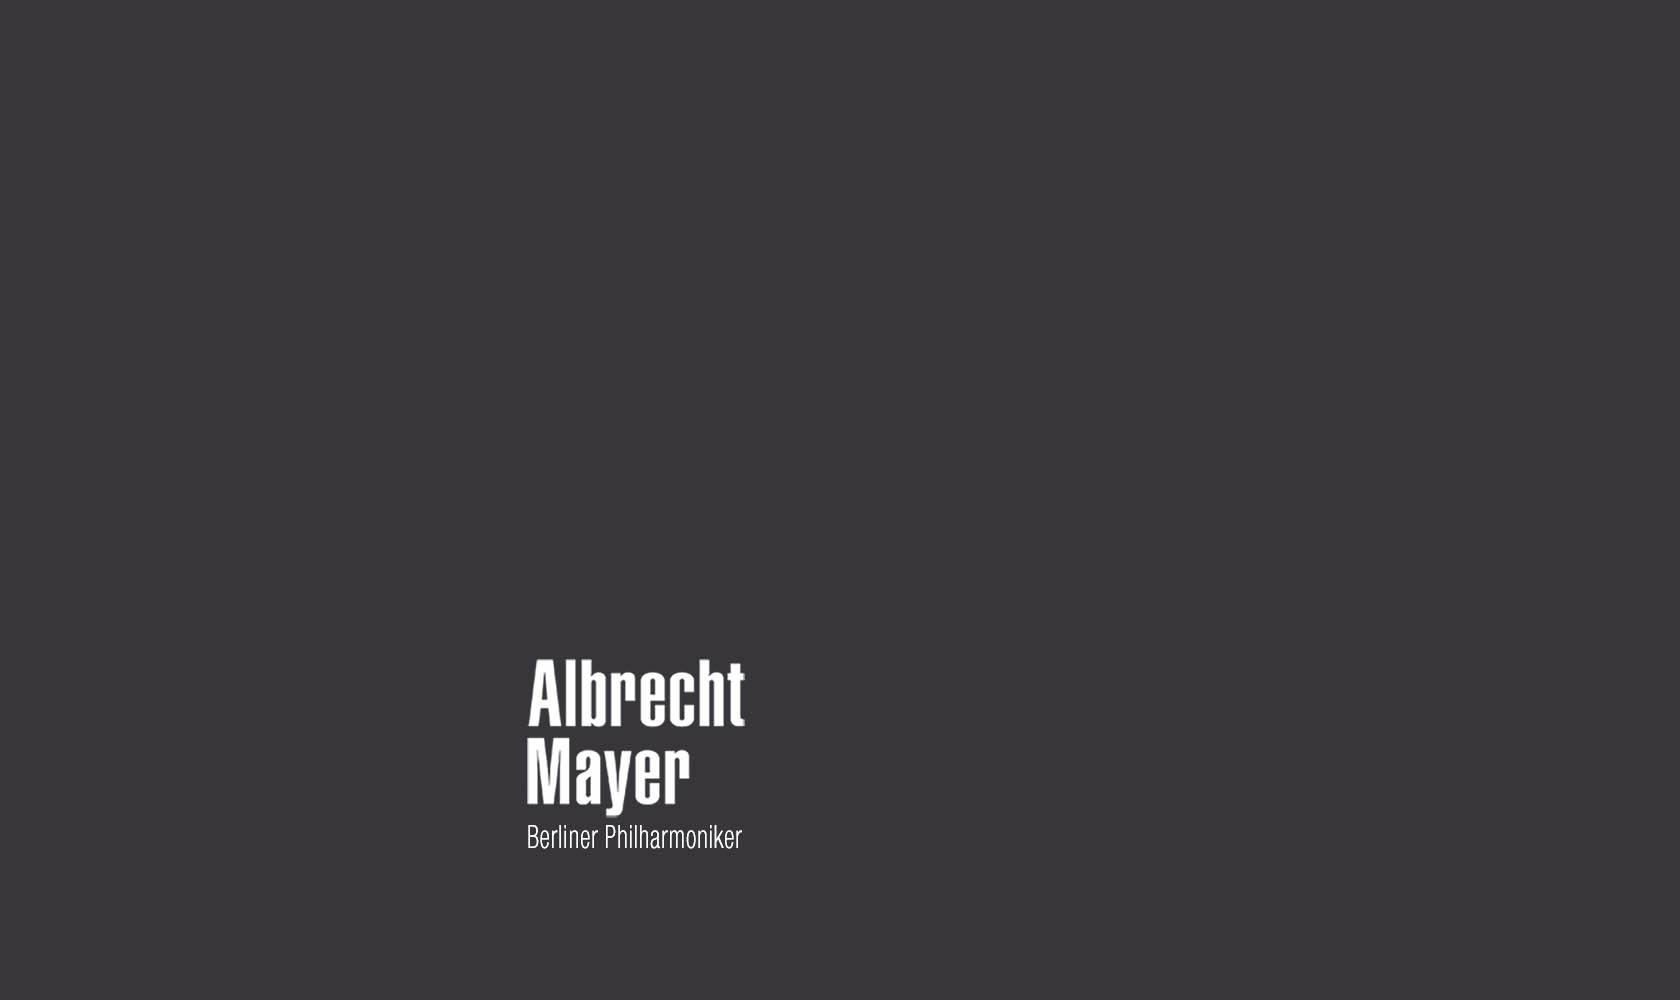 texttafel_albrecht